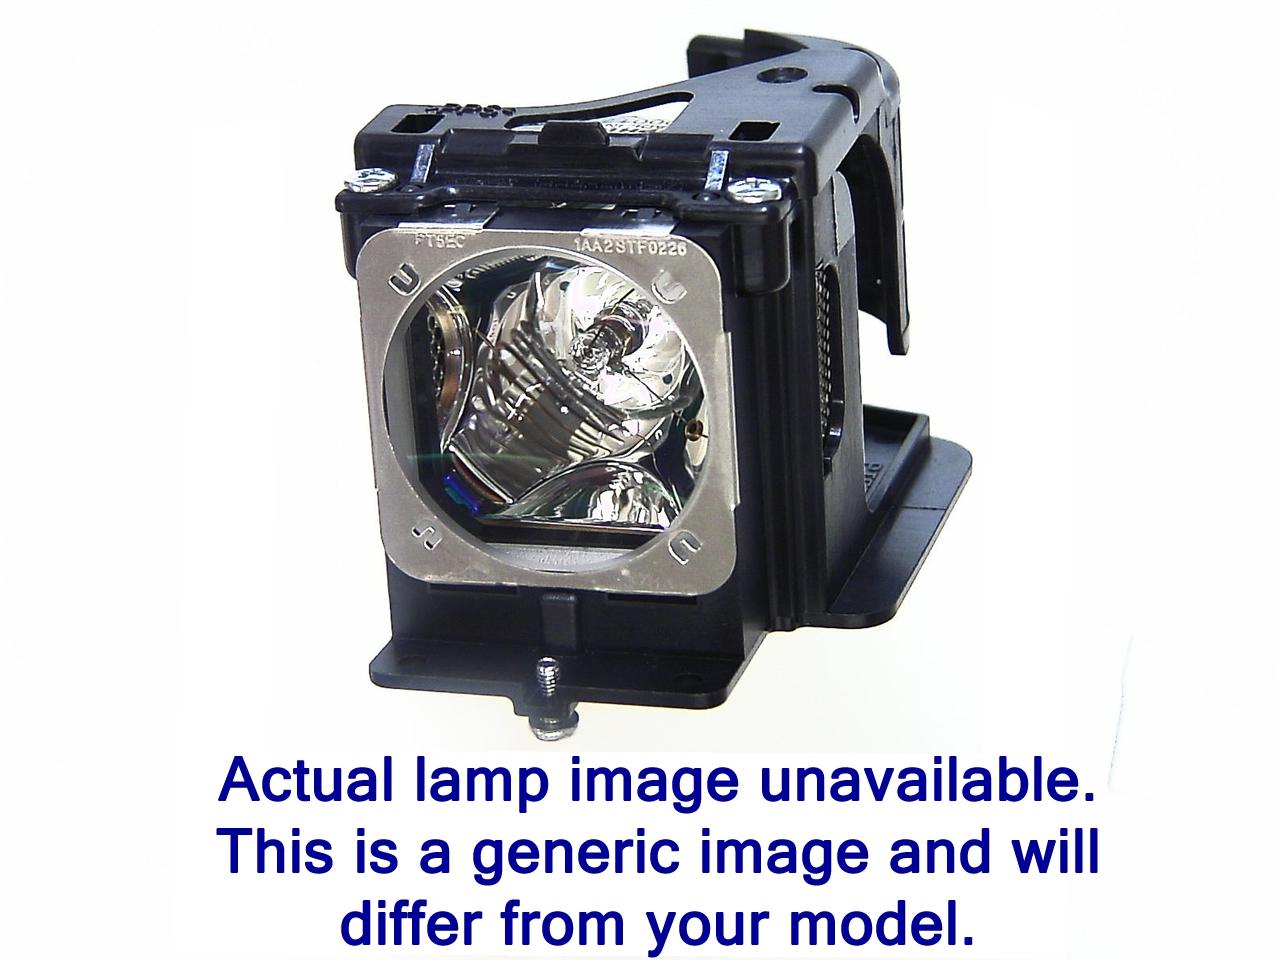 Lámpara SIM2 HT200DM (Philips bulb)